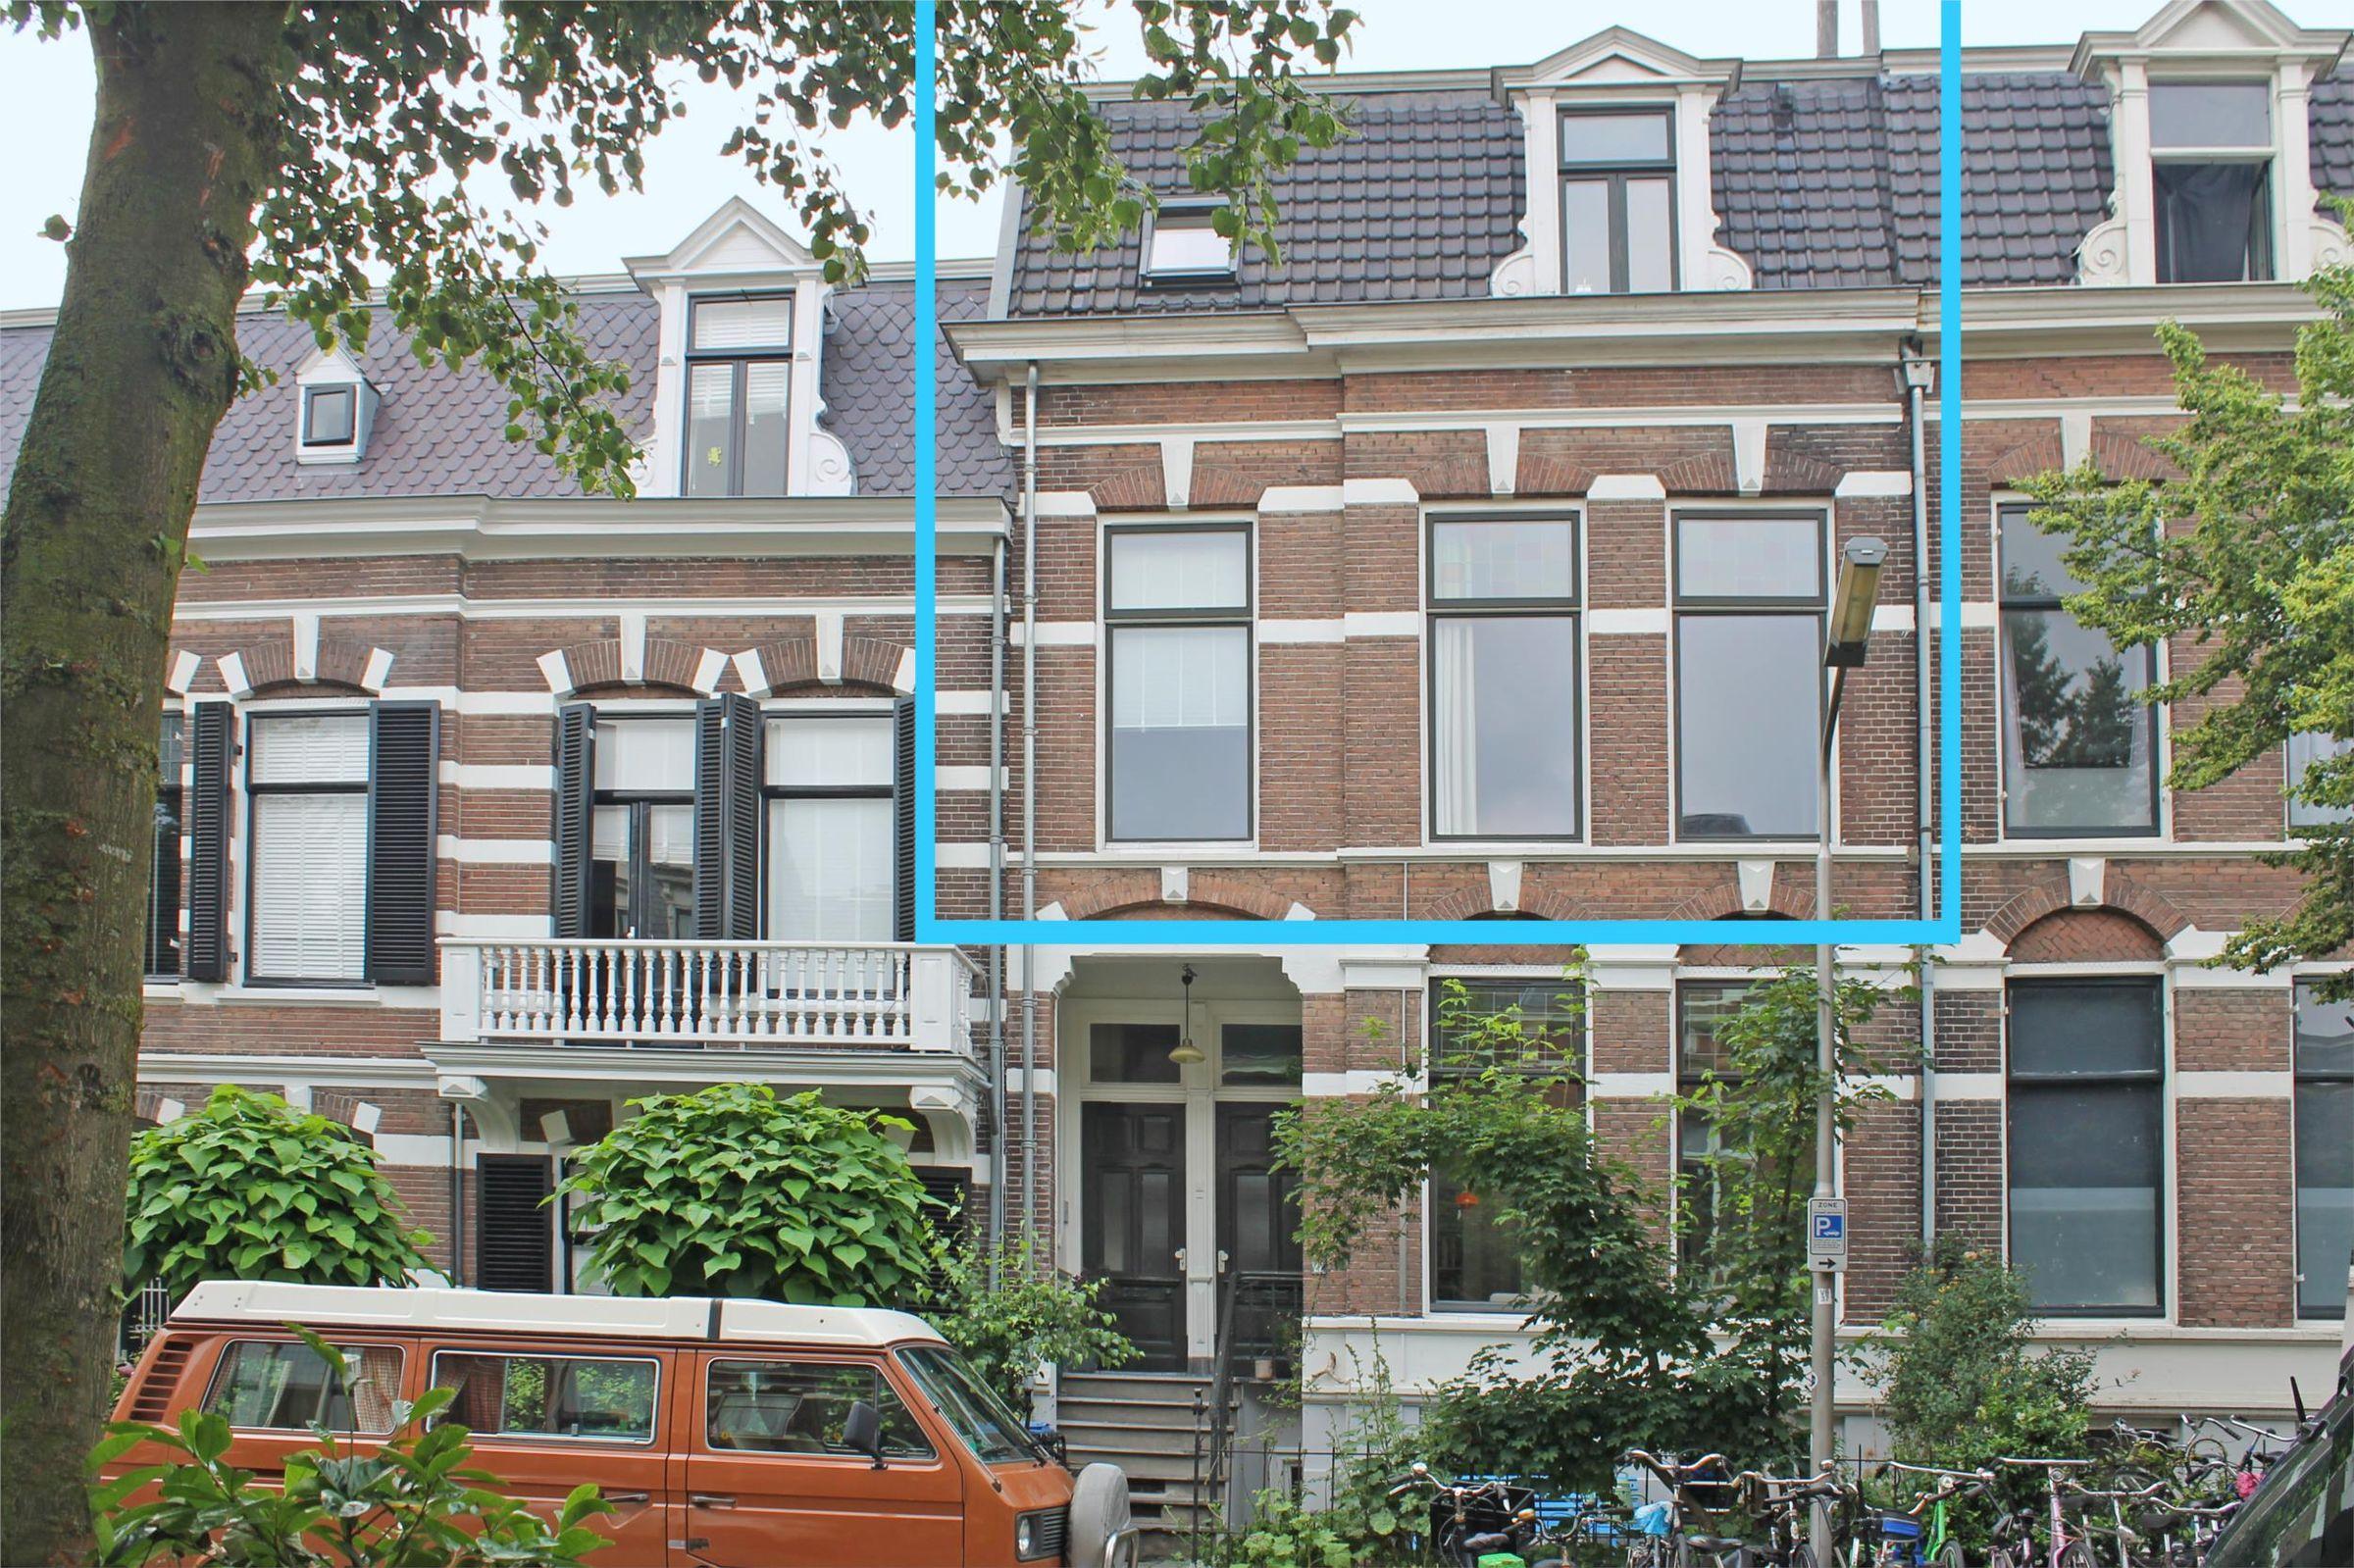 Straalmanstraat 24, Nijmegen